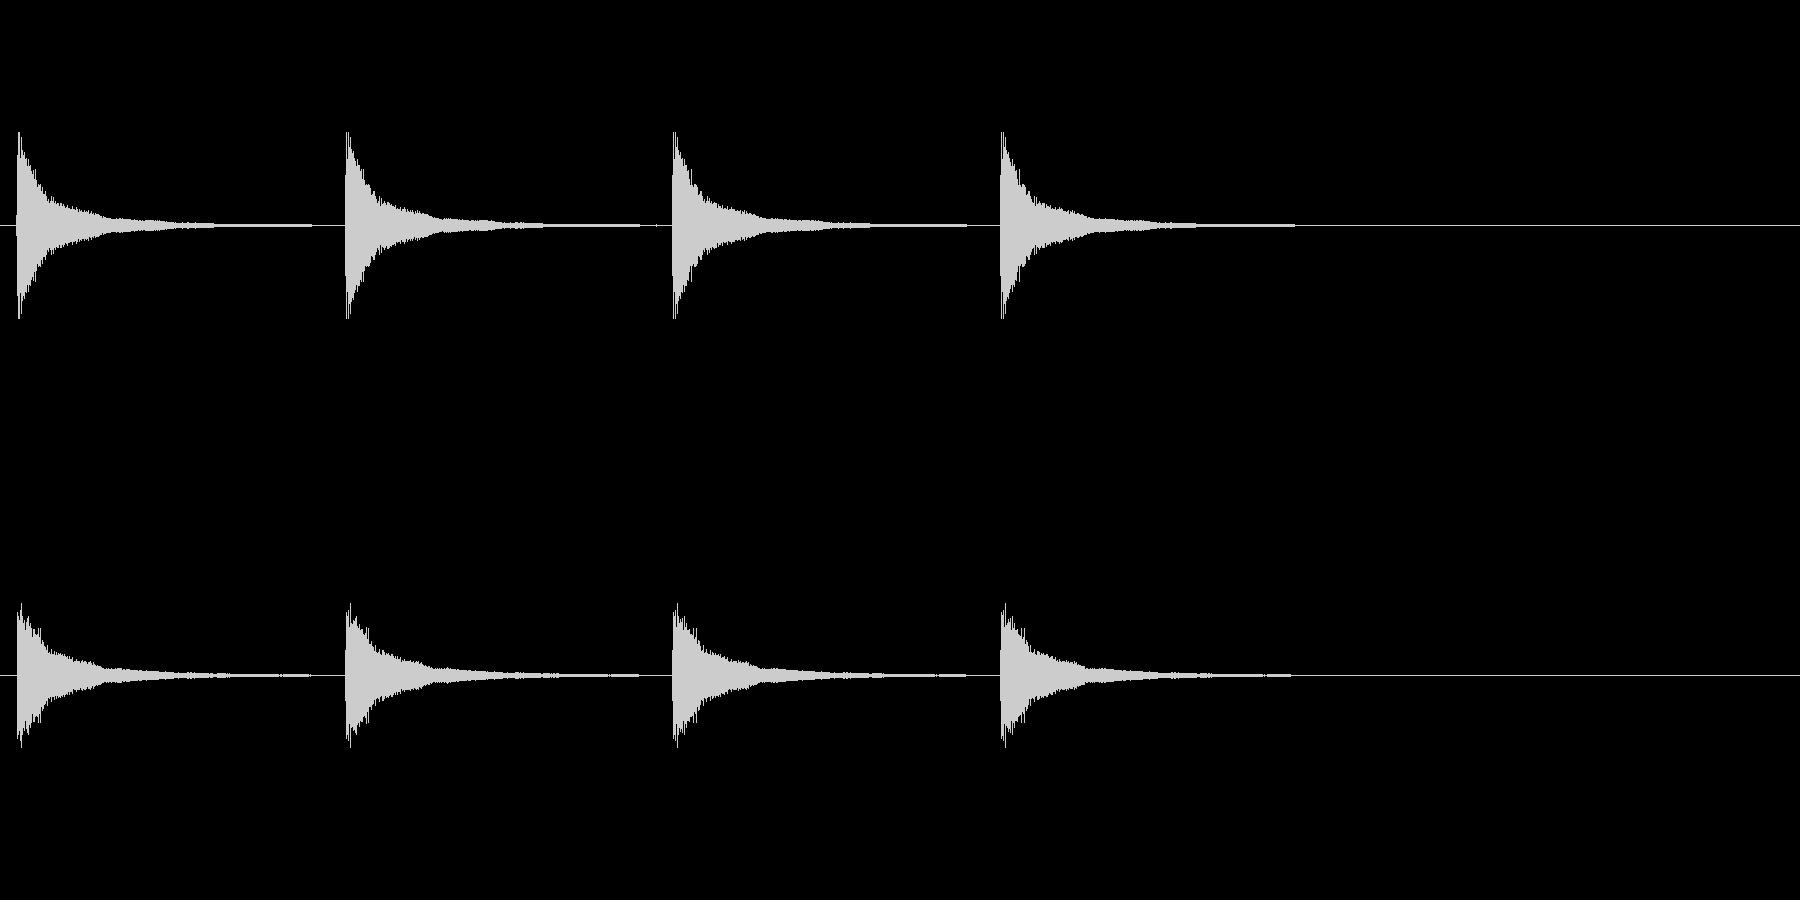 マントル時計料金の未再生の波形